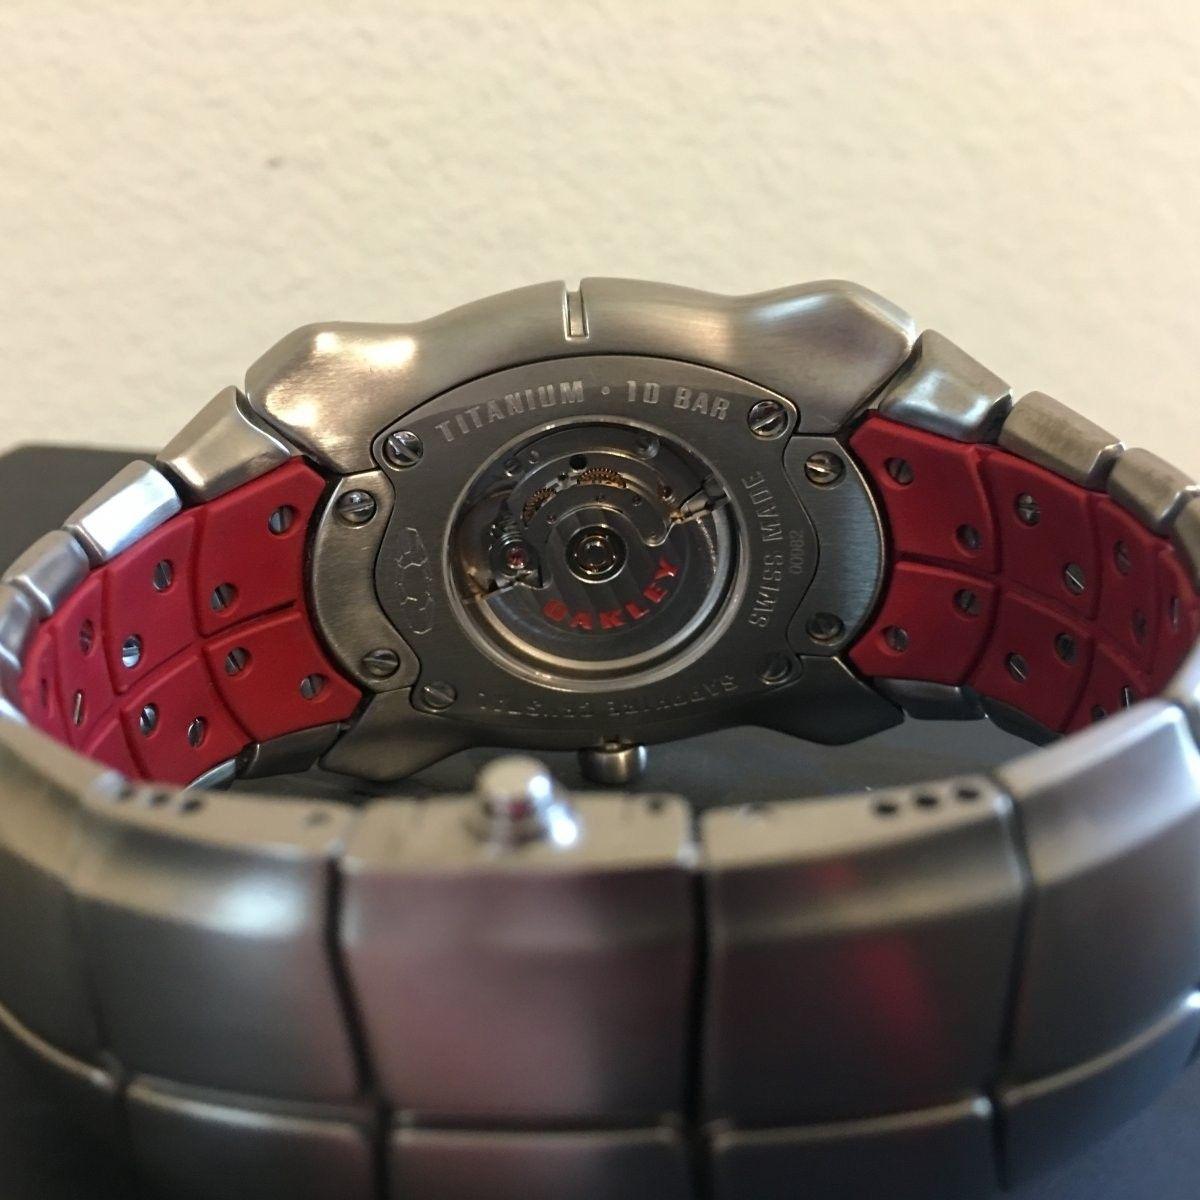 Timebomb II 10th Anniversary LNIB - IMG_9445.JPG